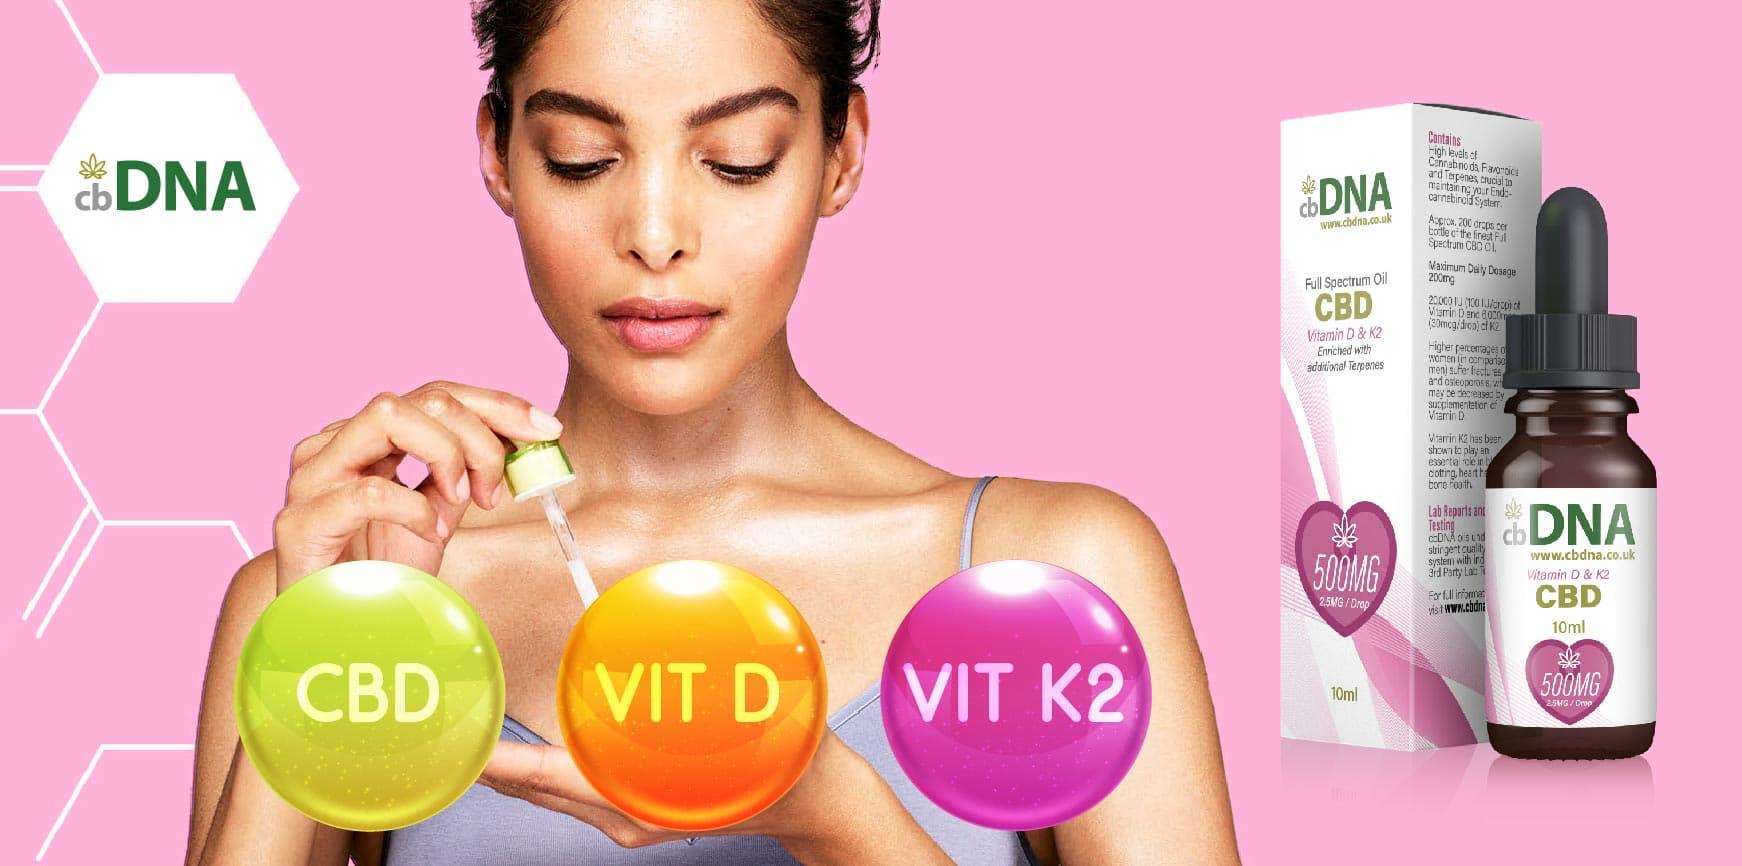 cbDNA CBD Women Vitamin D Vitamin K2 20